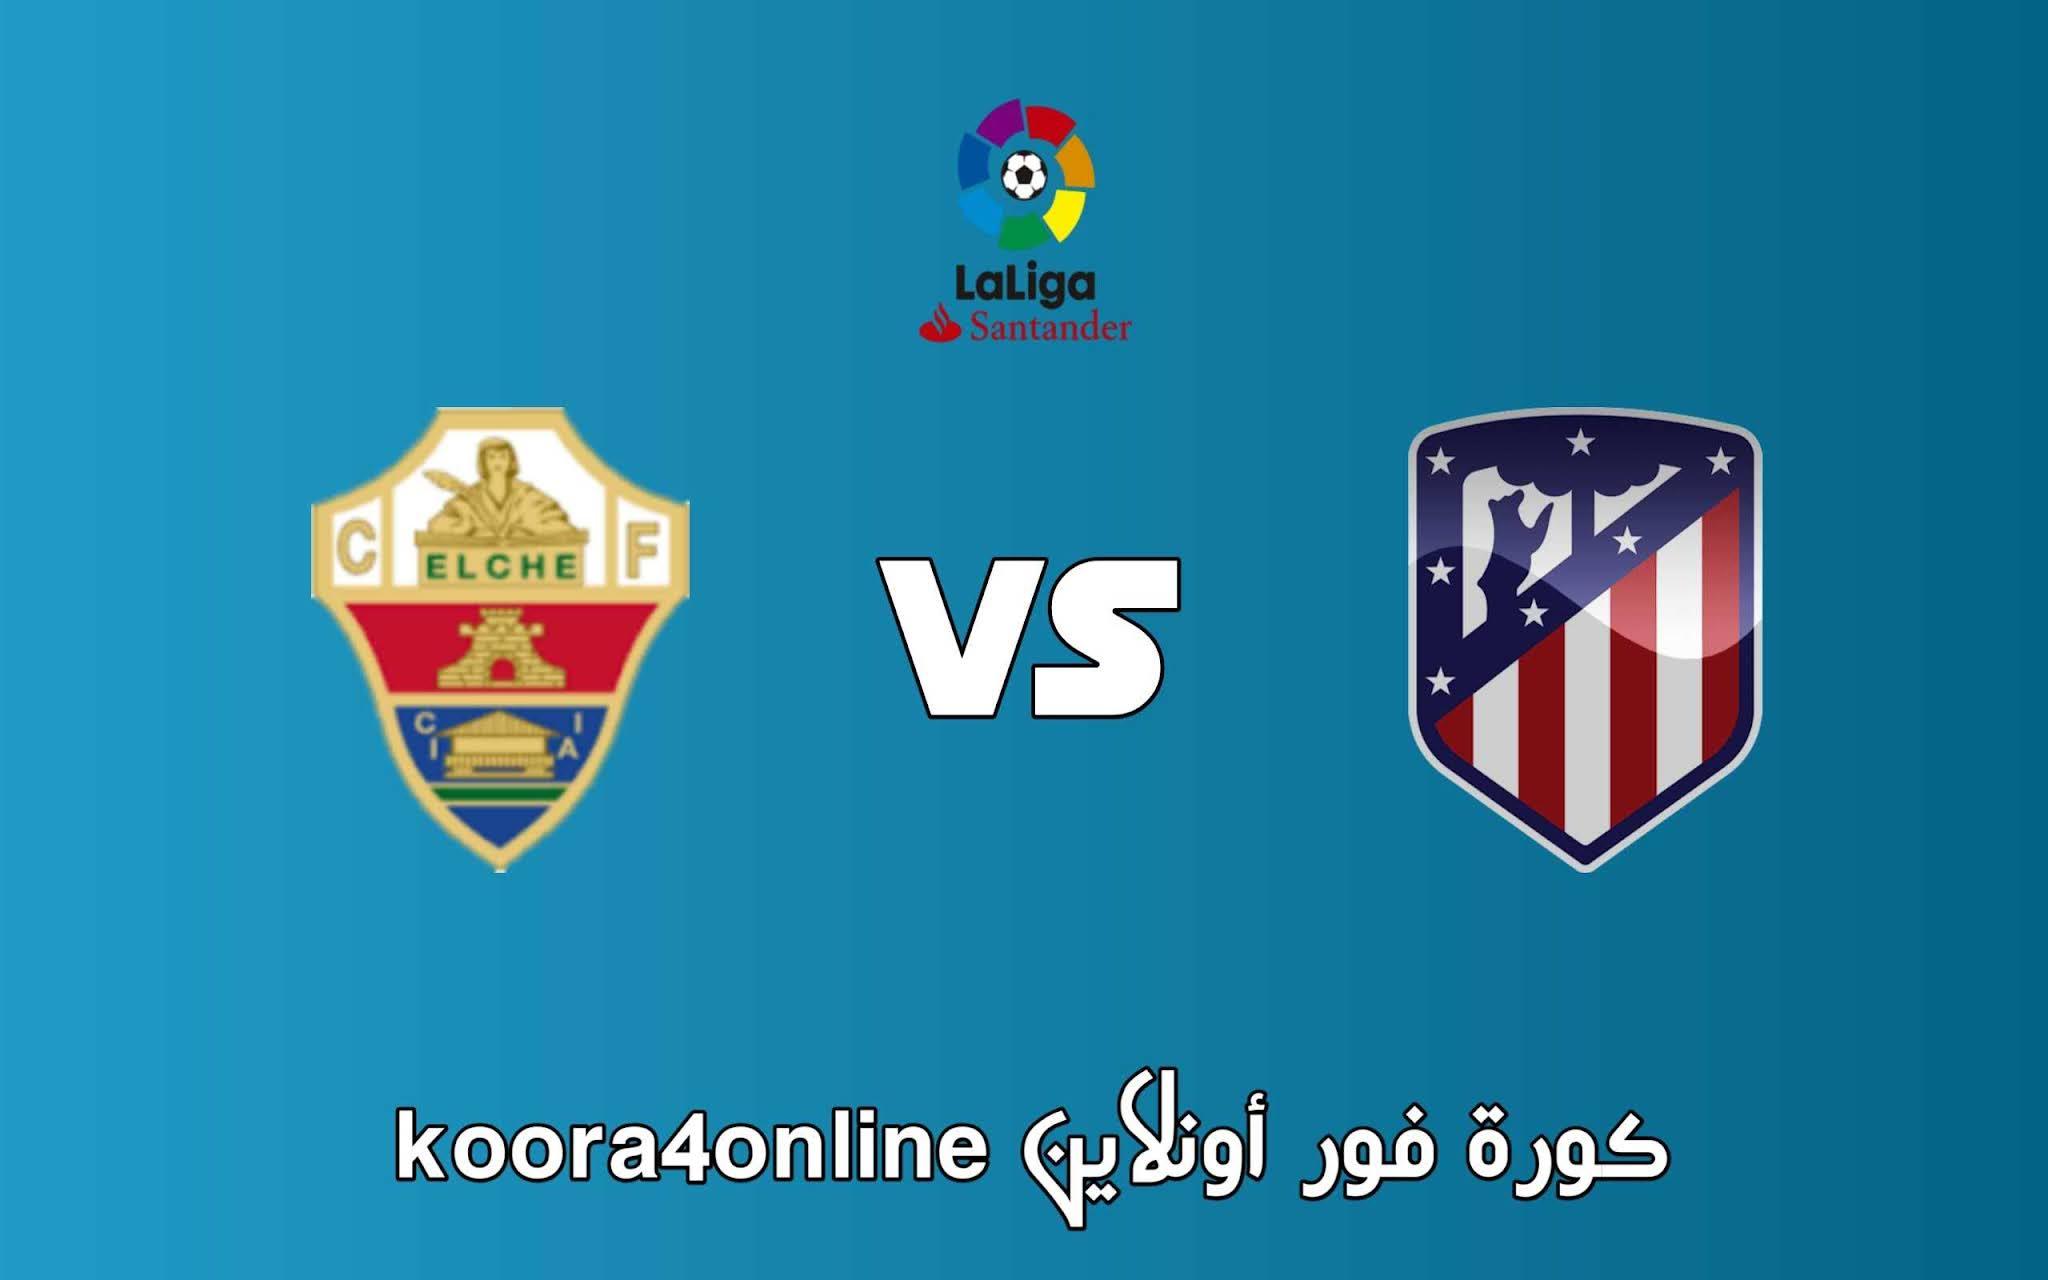 مشاهدة مباراة أتليتكو مدريد و إلتشي بث مباشر اليوم 22-08-2021 في الدوري الإسباني